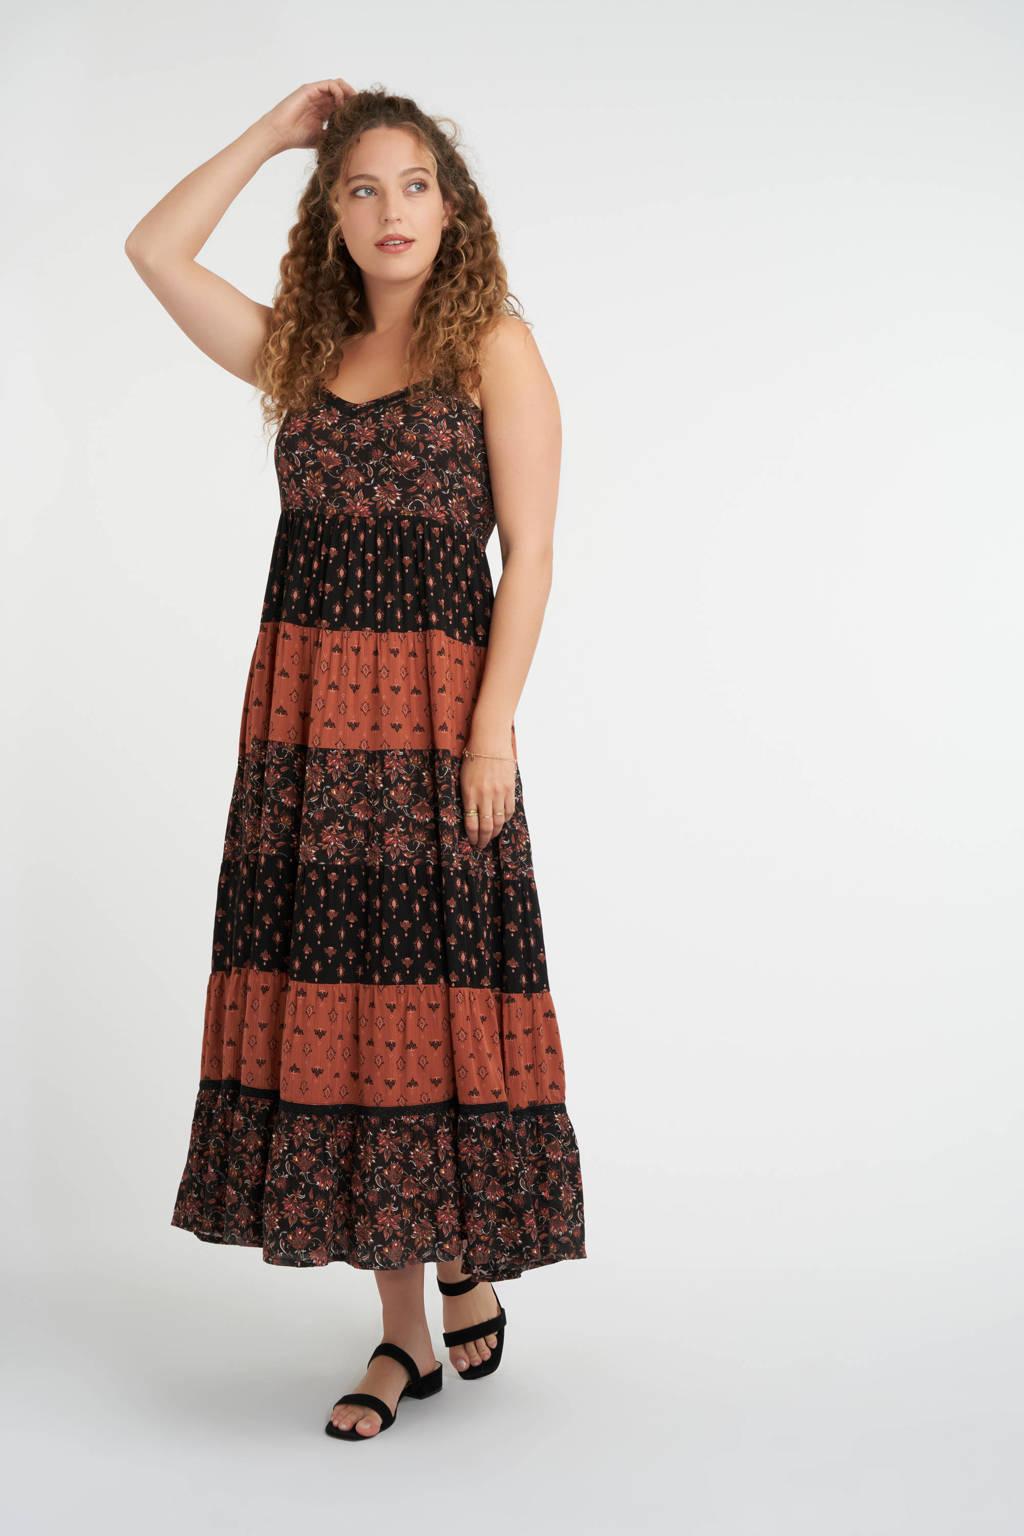 MS Mode maxi A-lijn jurk met all over print en kant zwart/roodbruin/wit, Zwart/roodbruin/wit